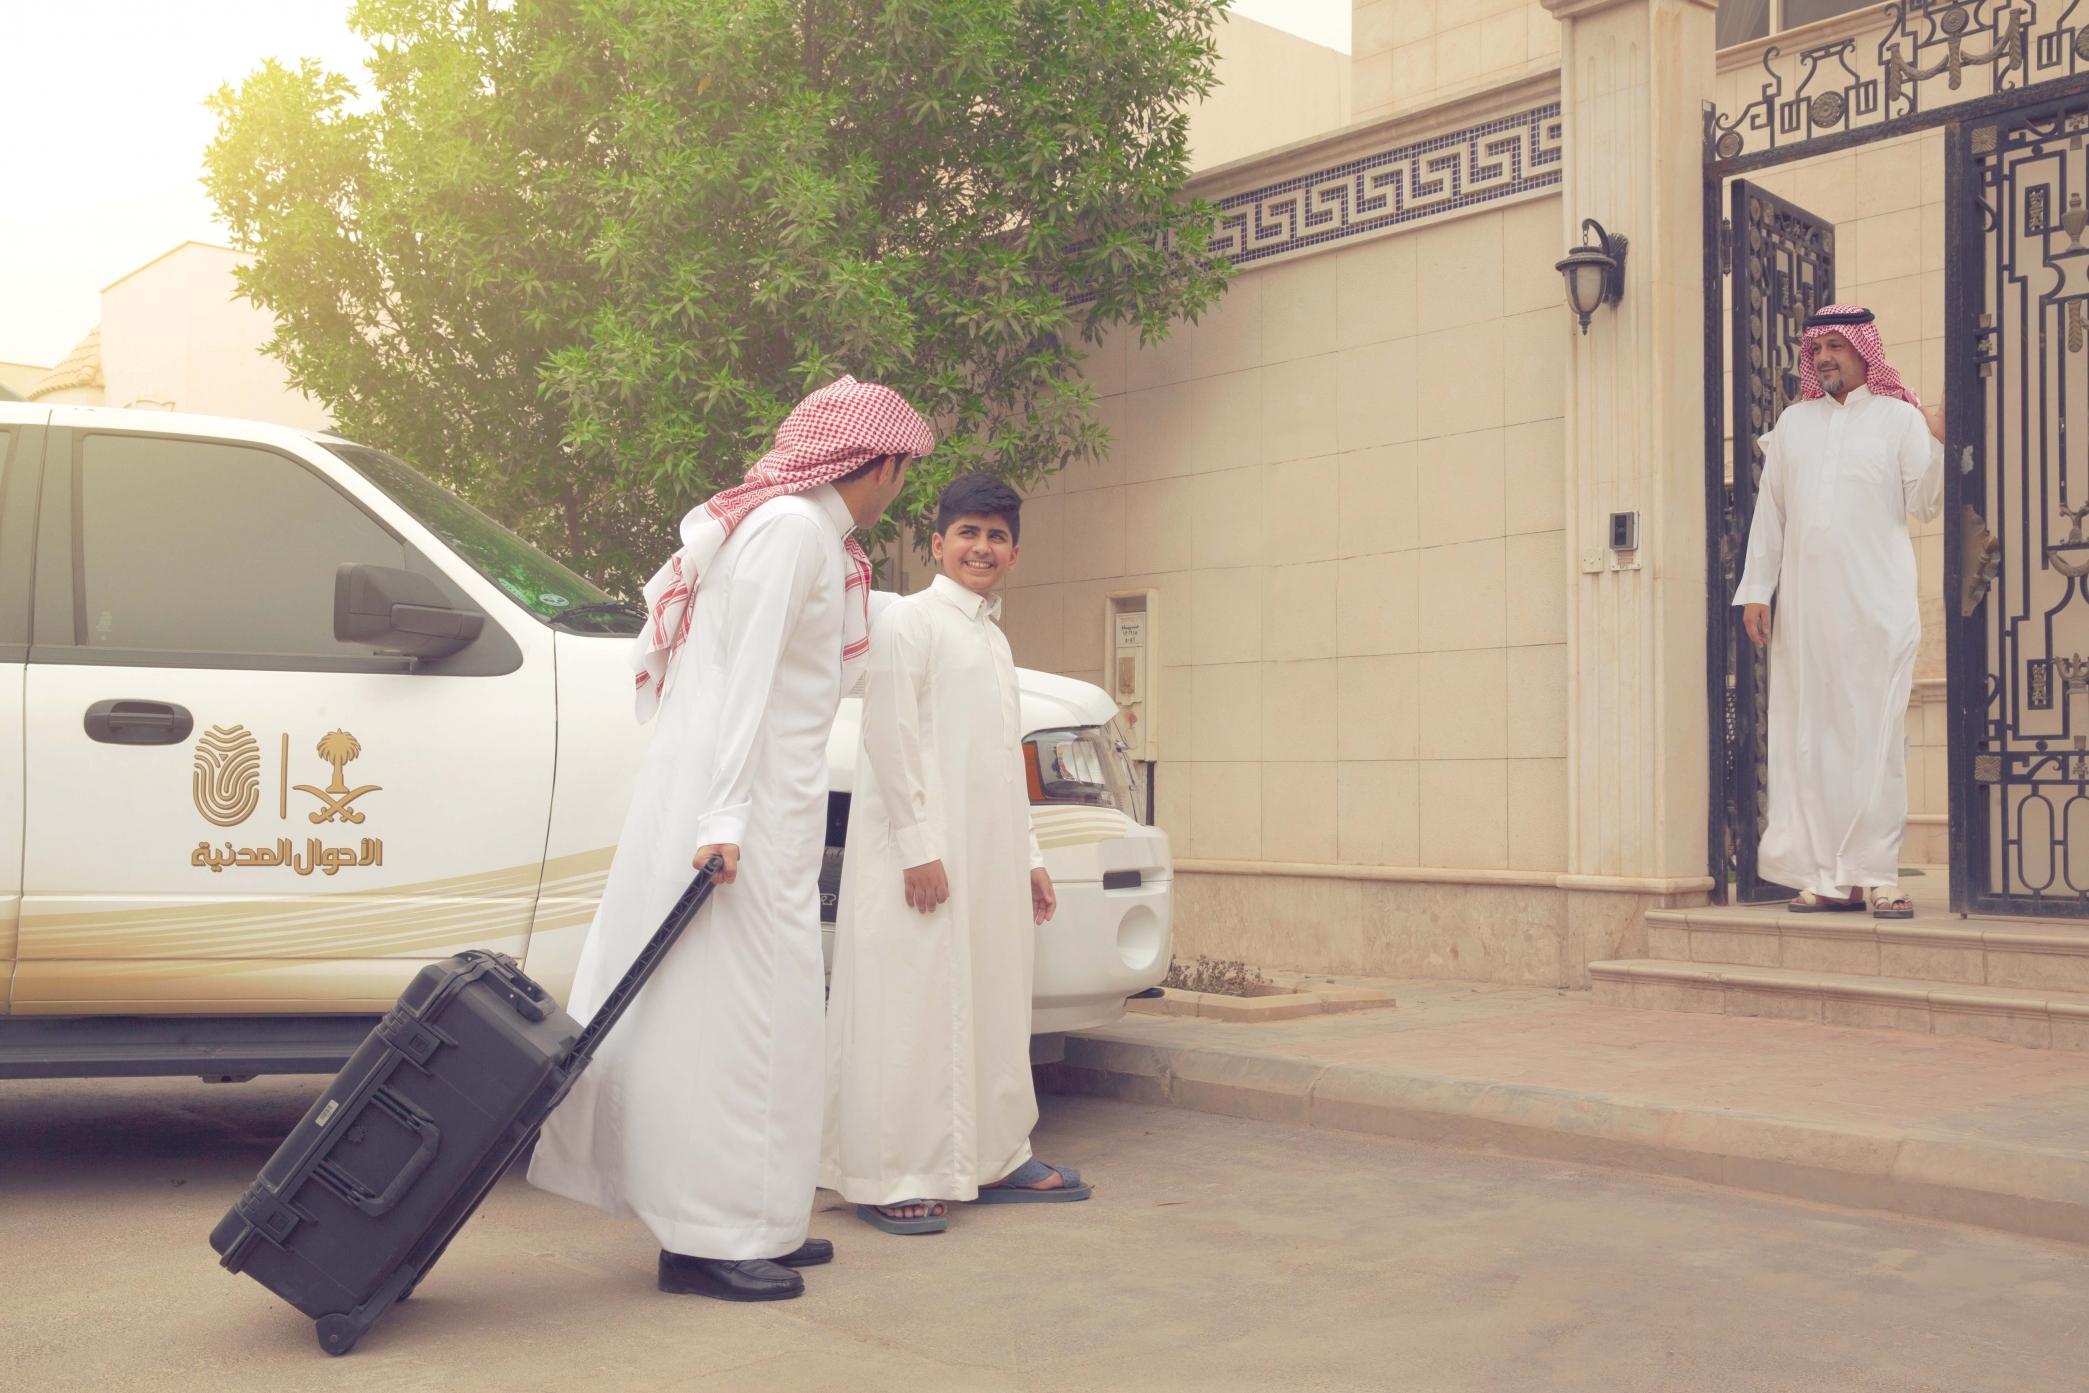 صور رجال الامن في السعودية كل القطاعات 5 scaled